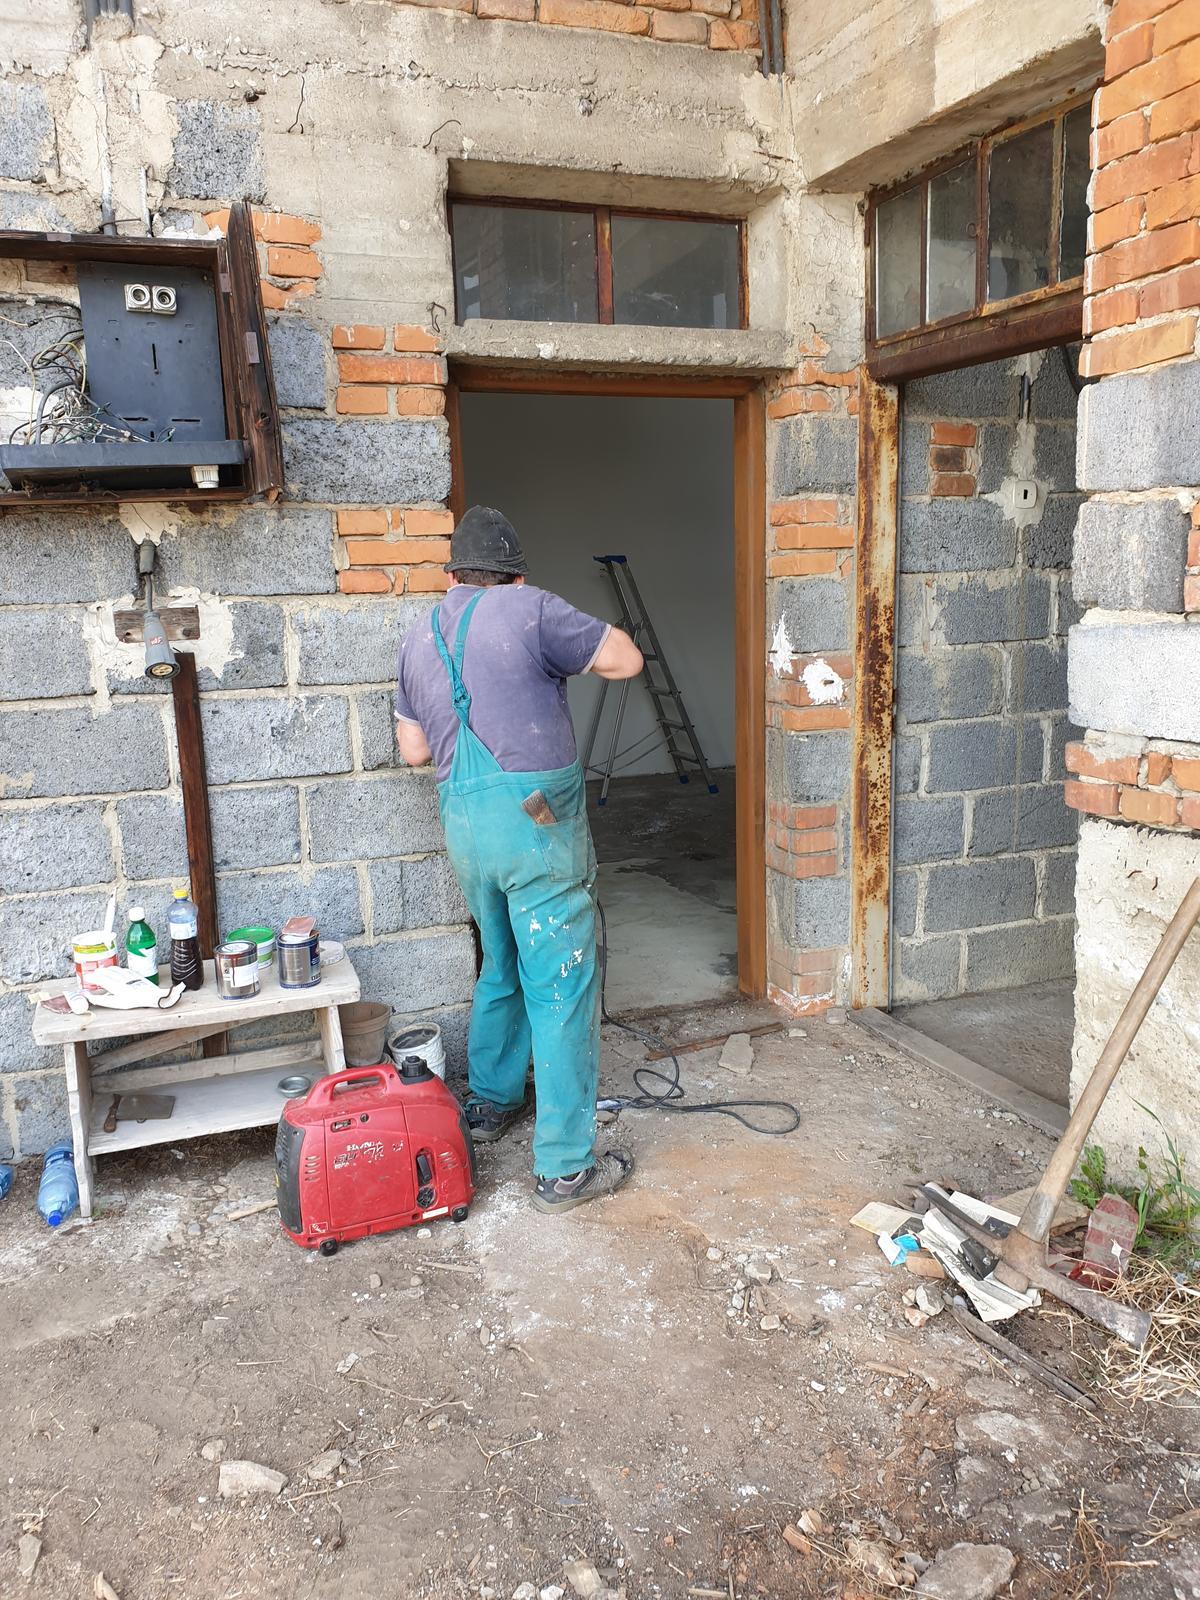 Rekonštrukcia domu-alebo chceme si splniť sen =》🏠🌻🌼🐶  mat domcek a vratit sa na Slovensko - Obrázok č. 88